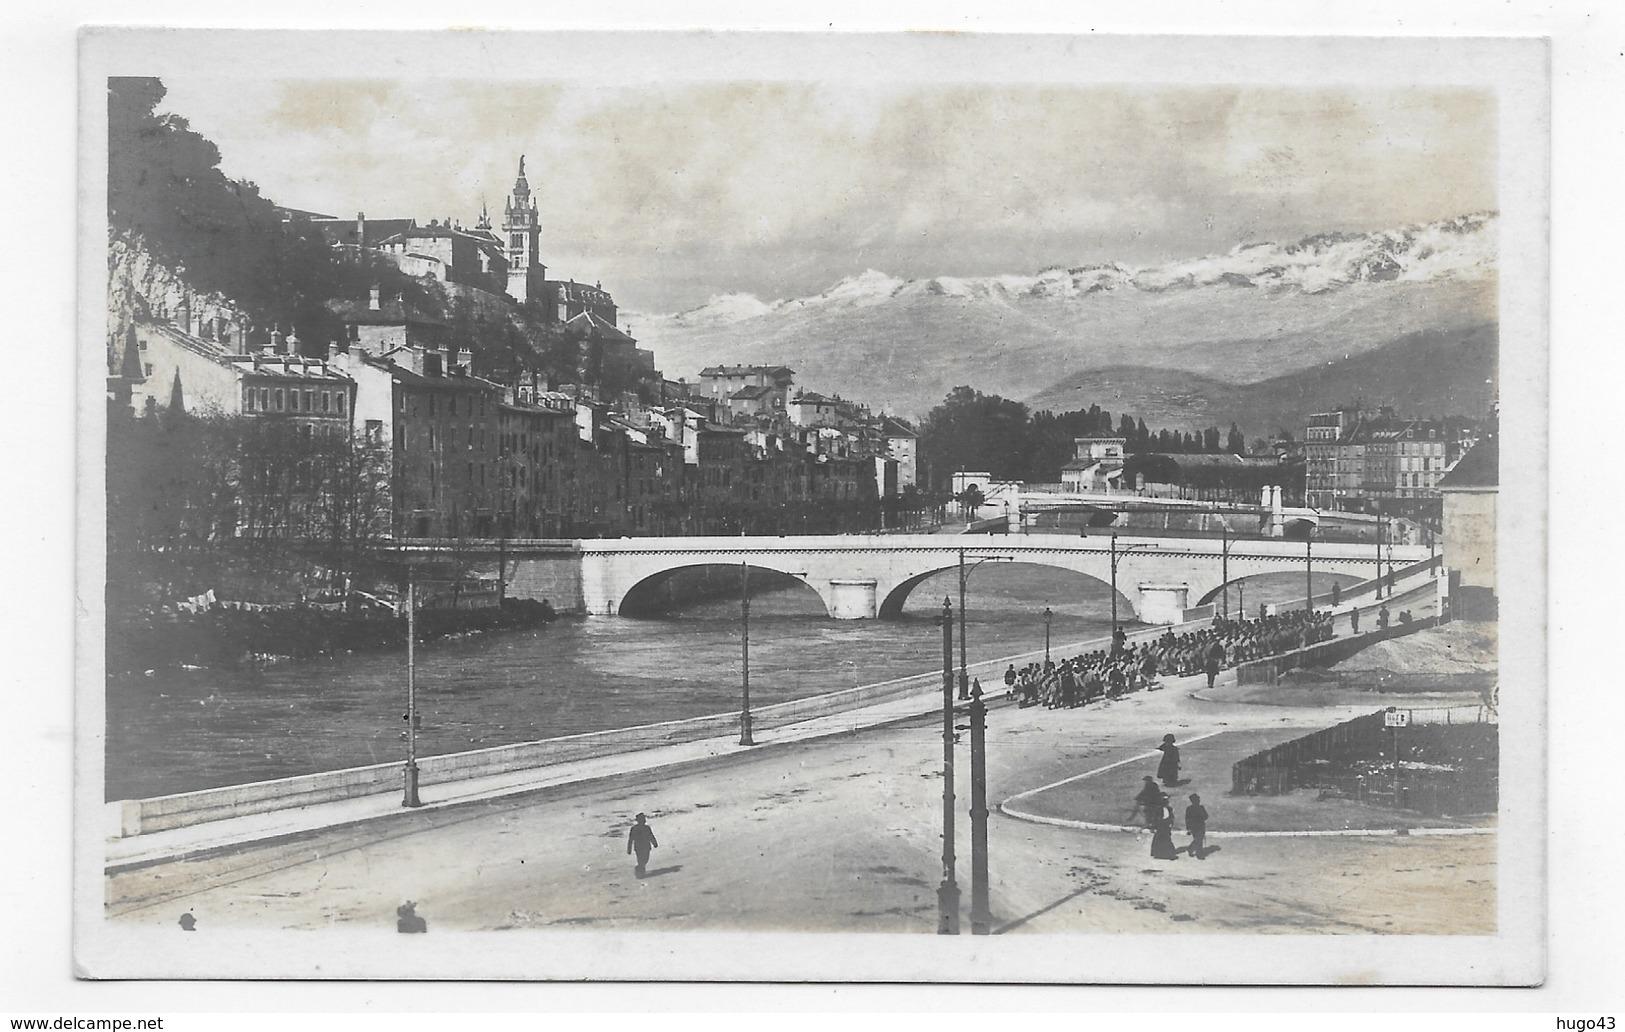 GRENOBLE - N° 23 - VUE SUR L' ISERE ET LE QUARTIER SAINT LAURENT - CPA NON VOYAGEE - Grenoble